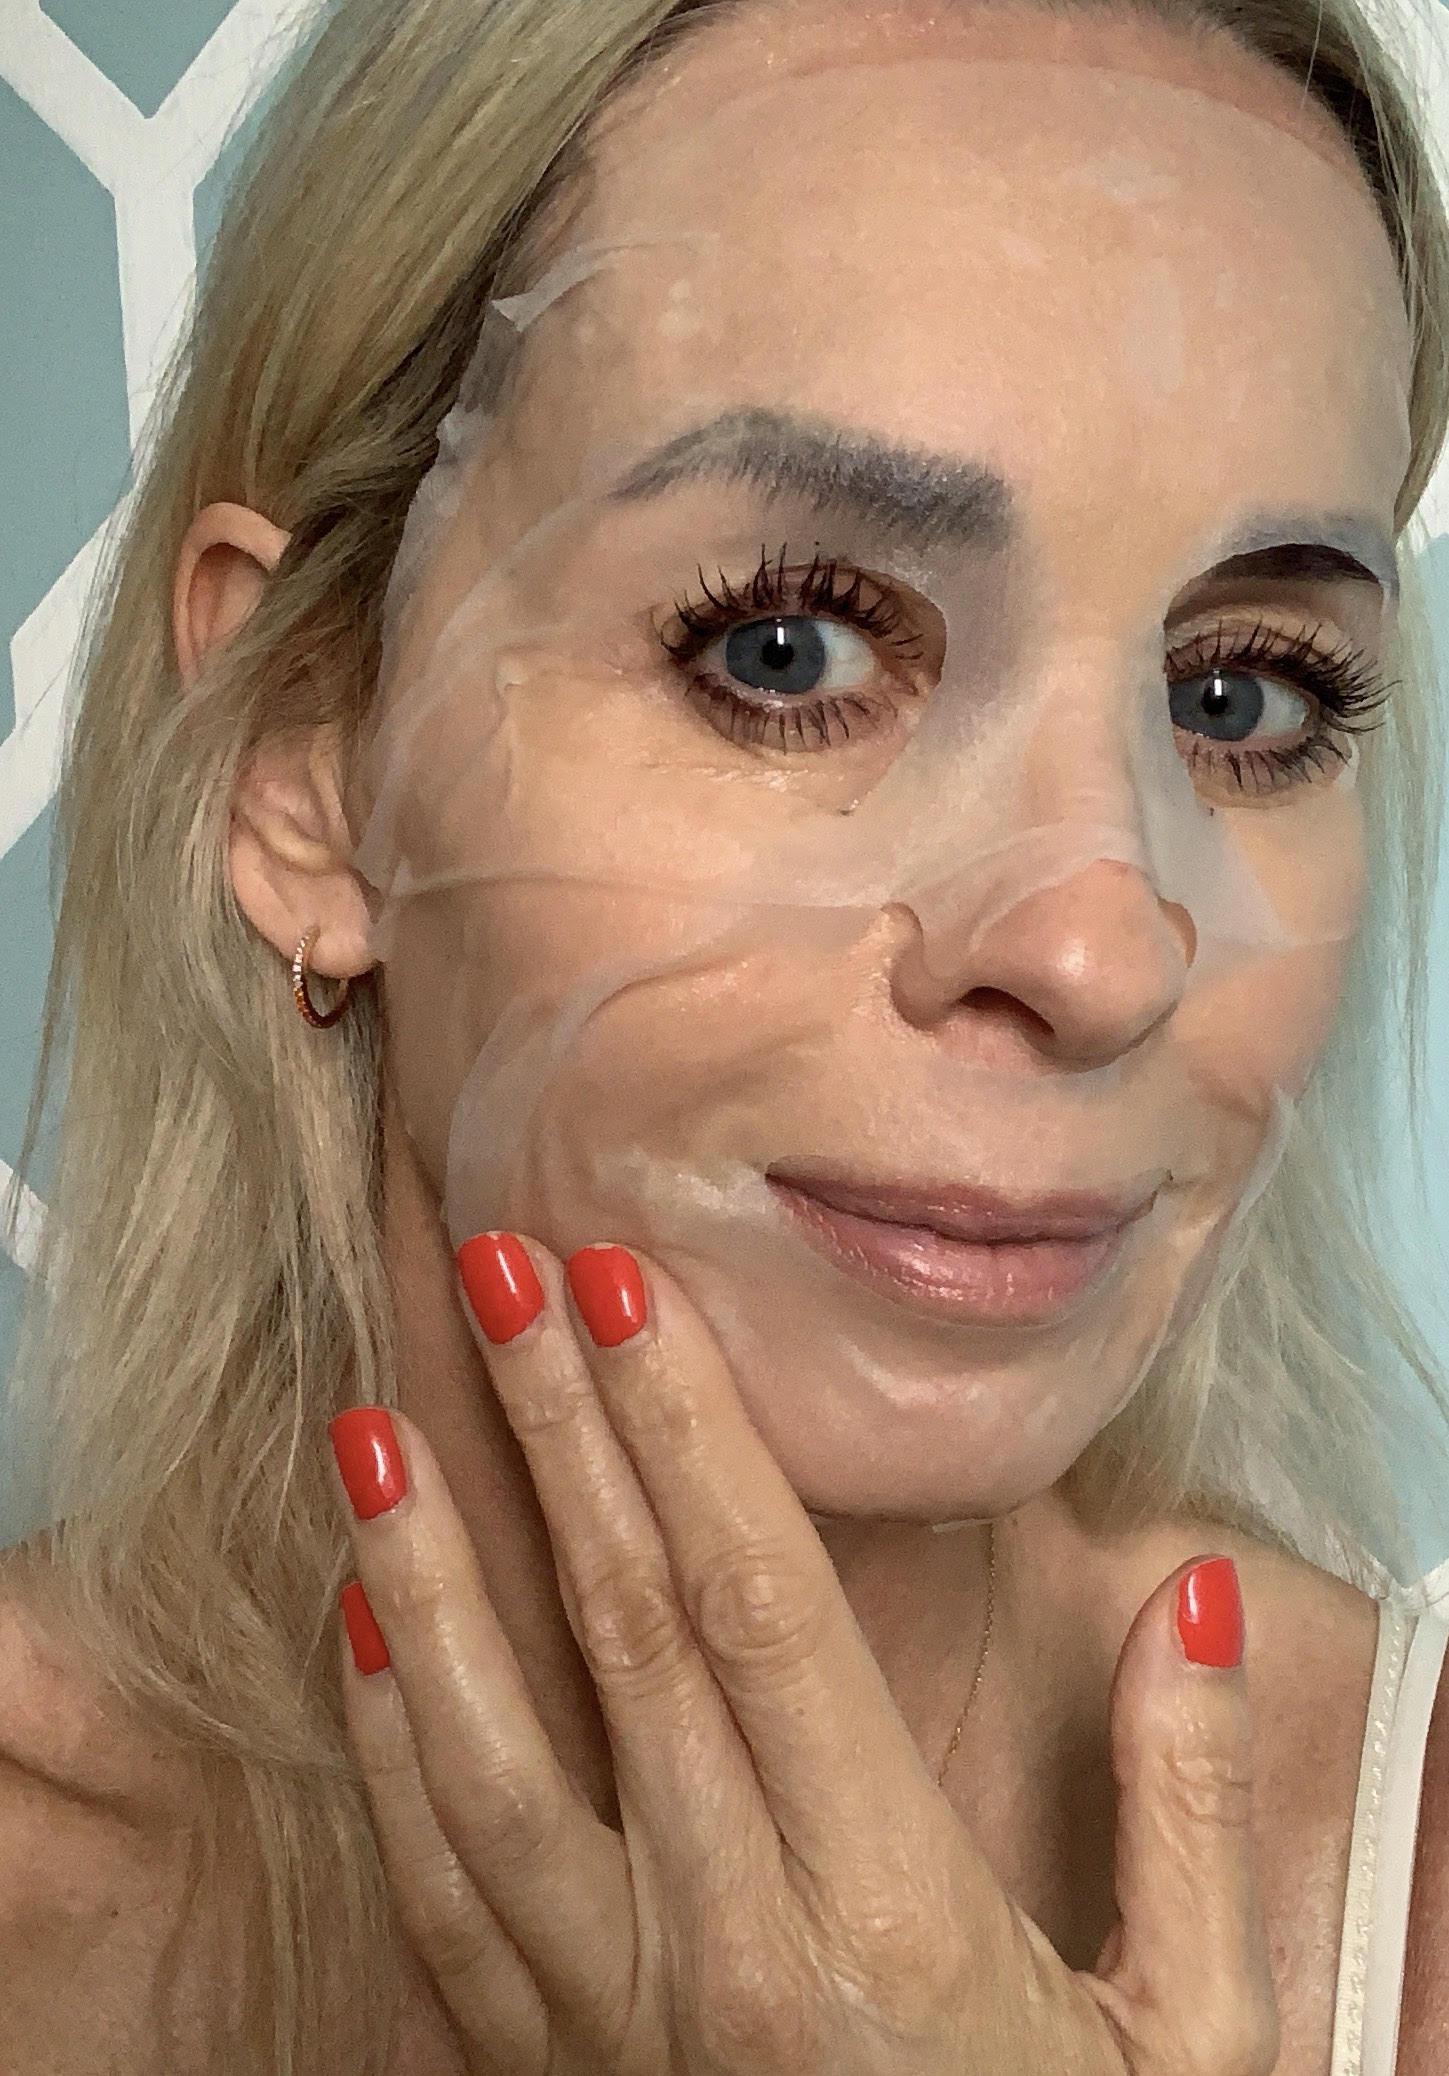 Simple, sheetmasken, ansigtsmaske, sensitiv hud,